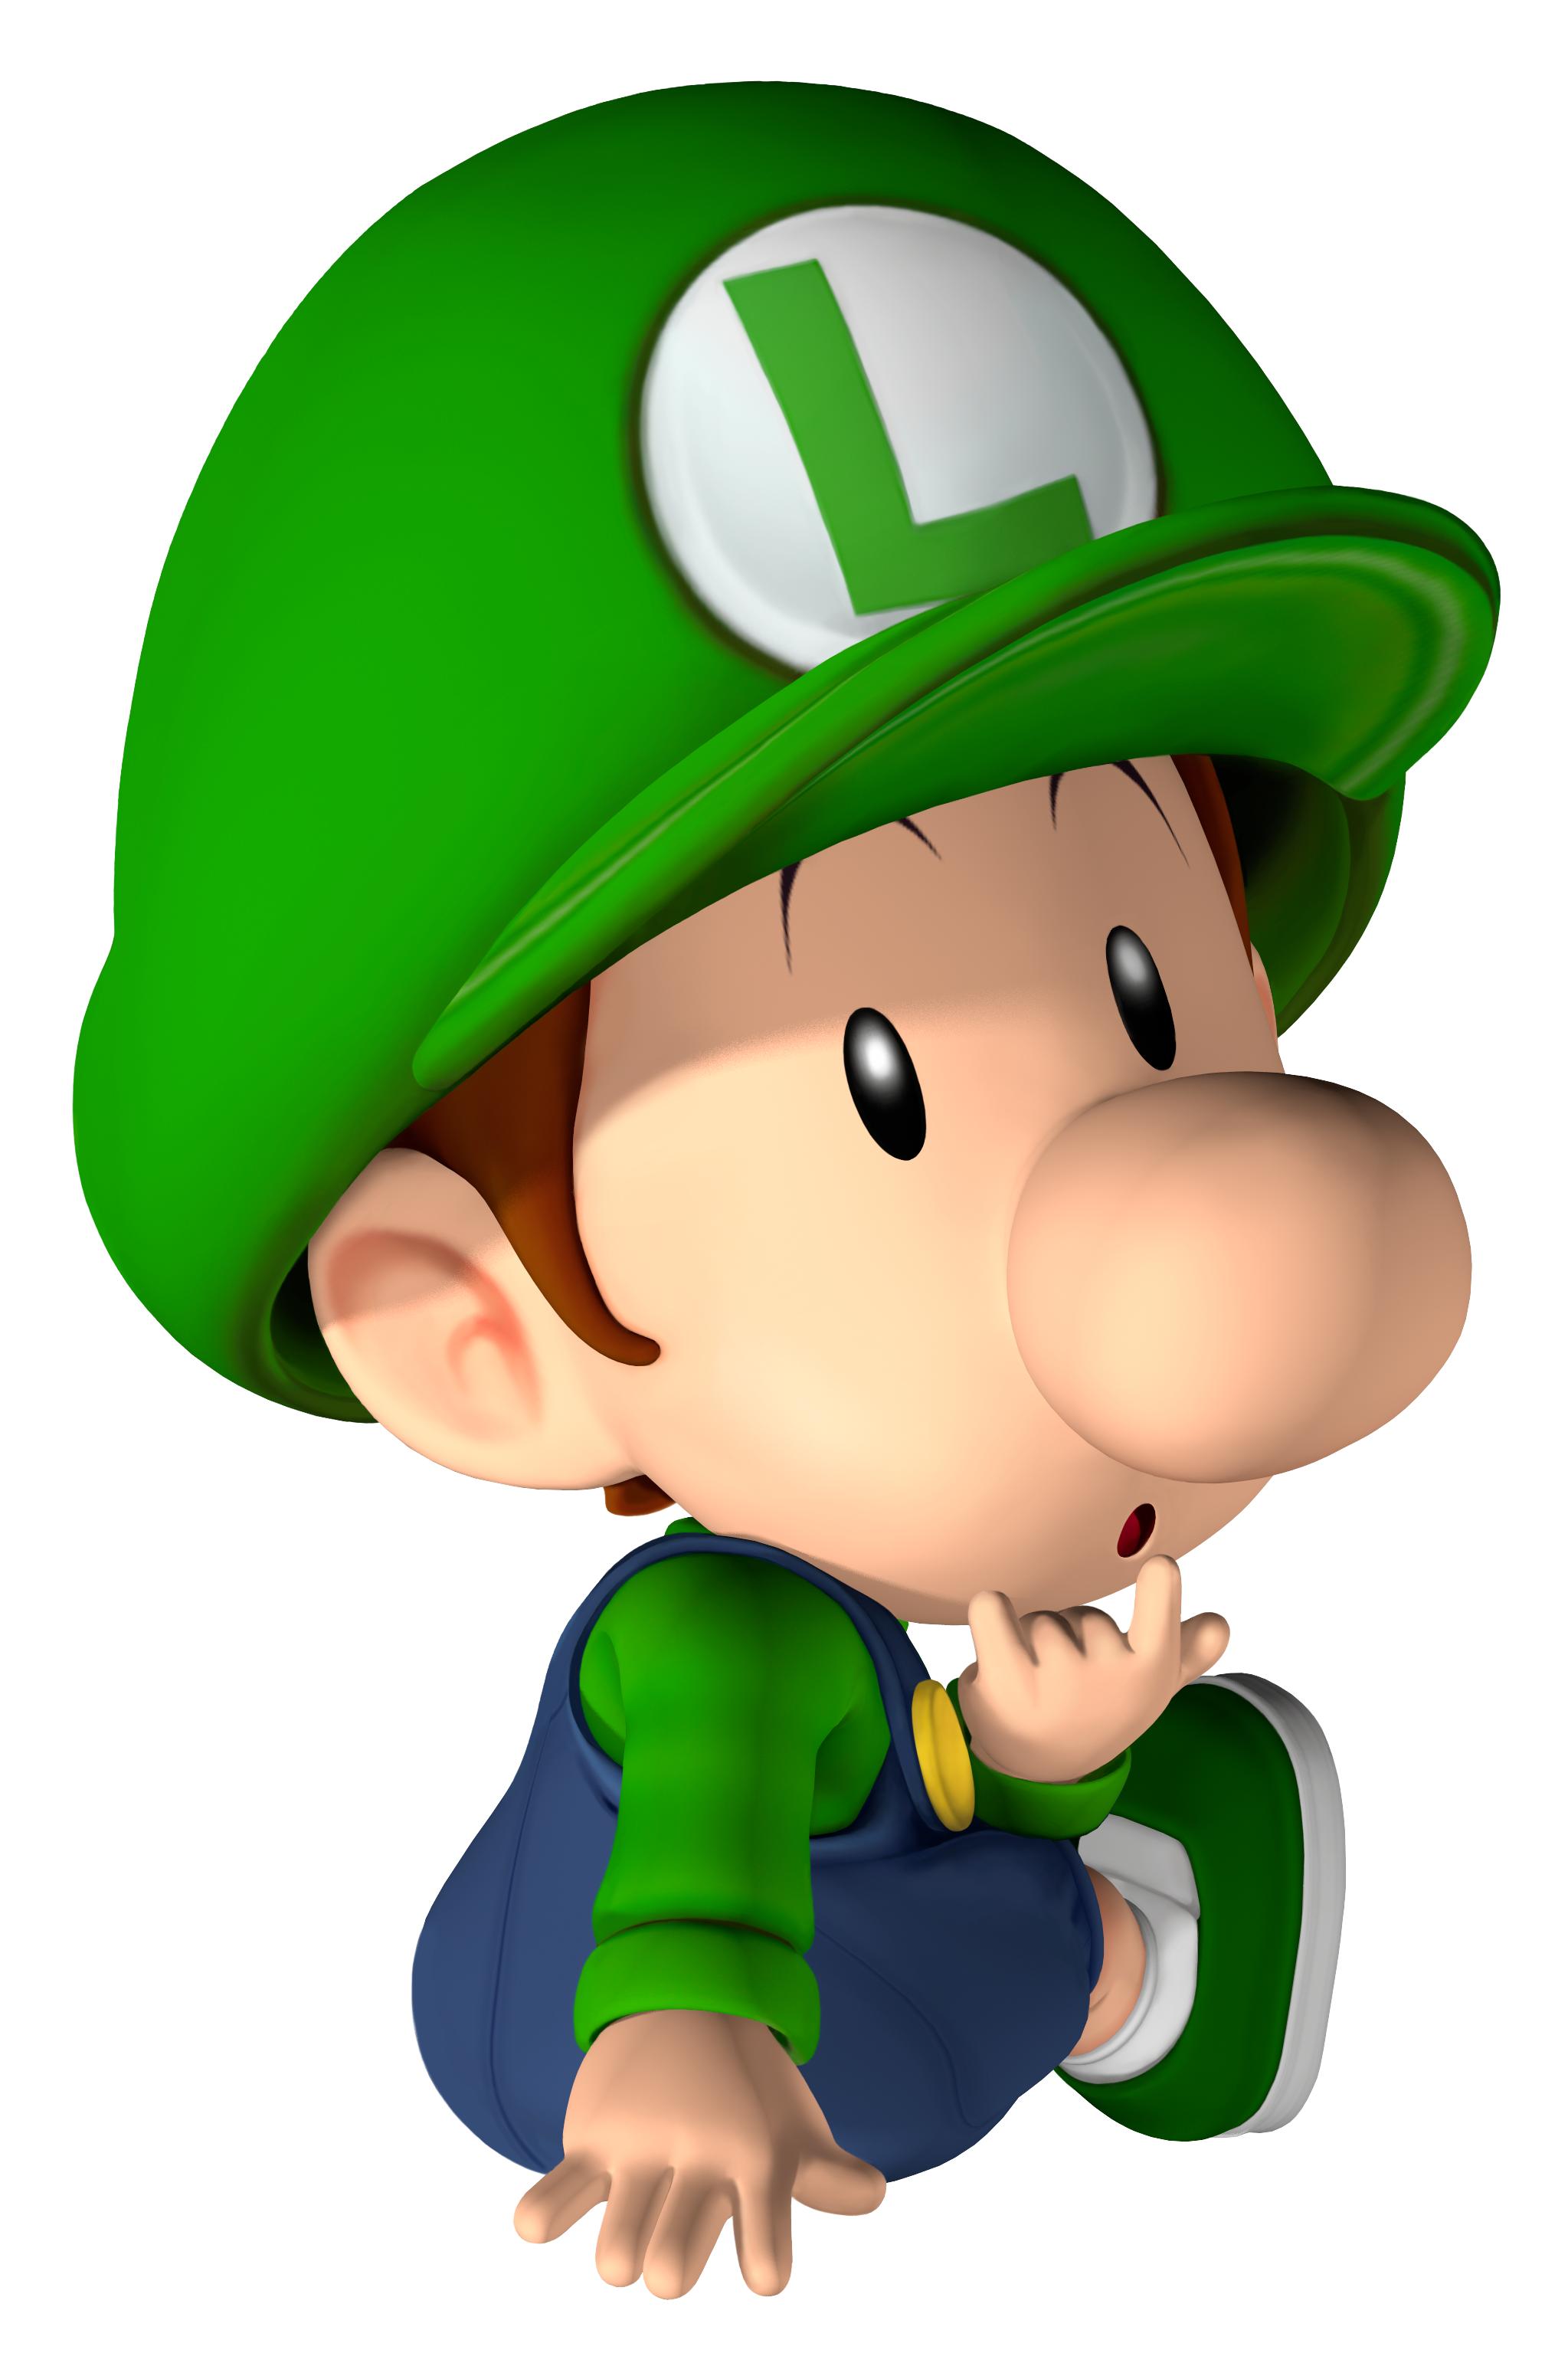 Kleurplaten Super Mario Bros Wii.15 Kleurplaat Super Mario 3d Land Krijg Duizenden Kleurenfoto S